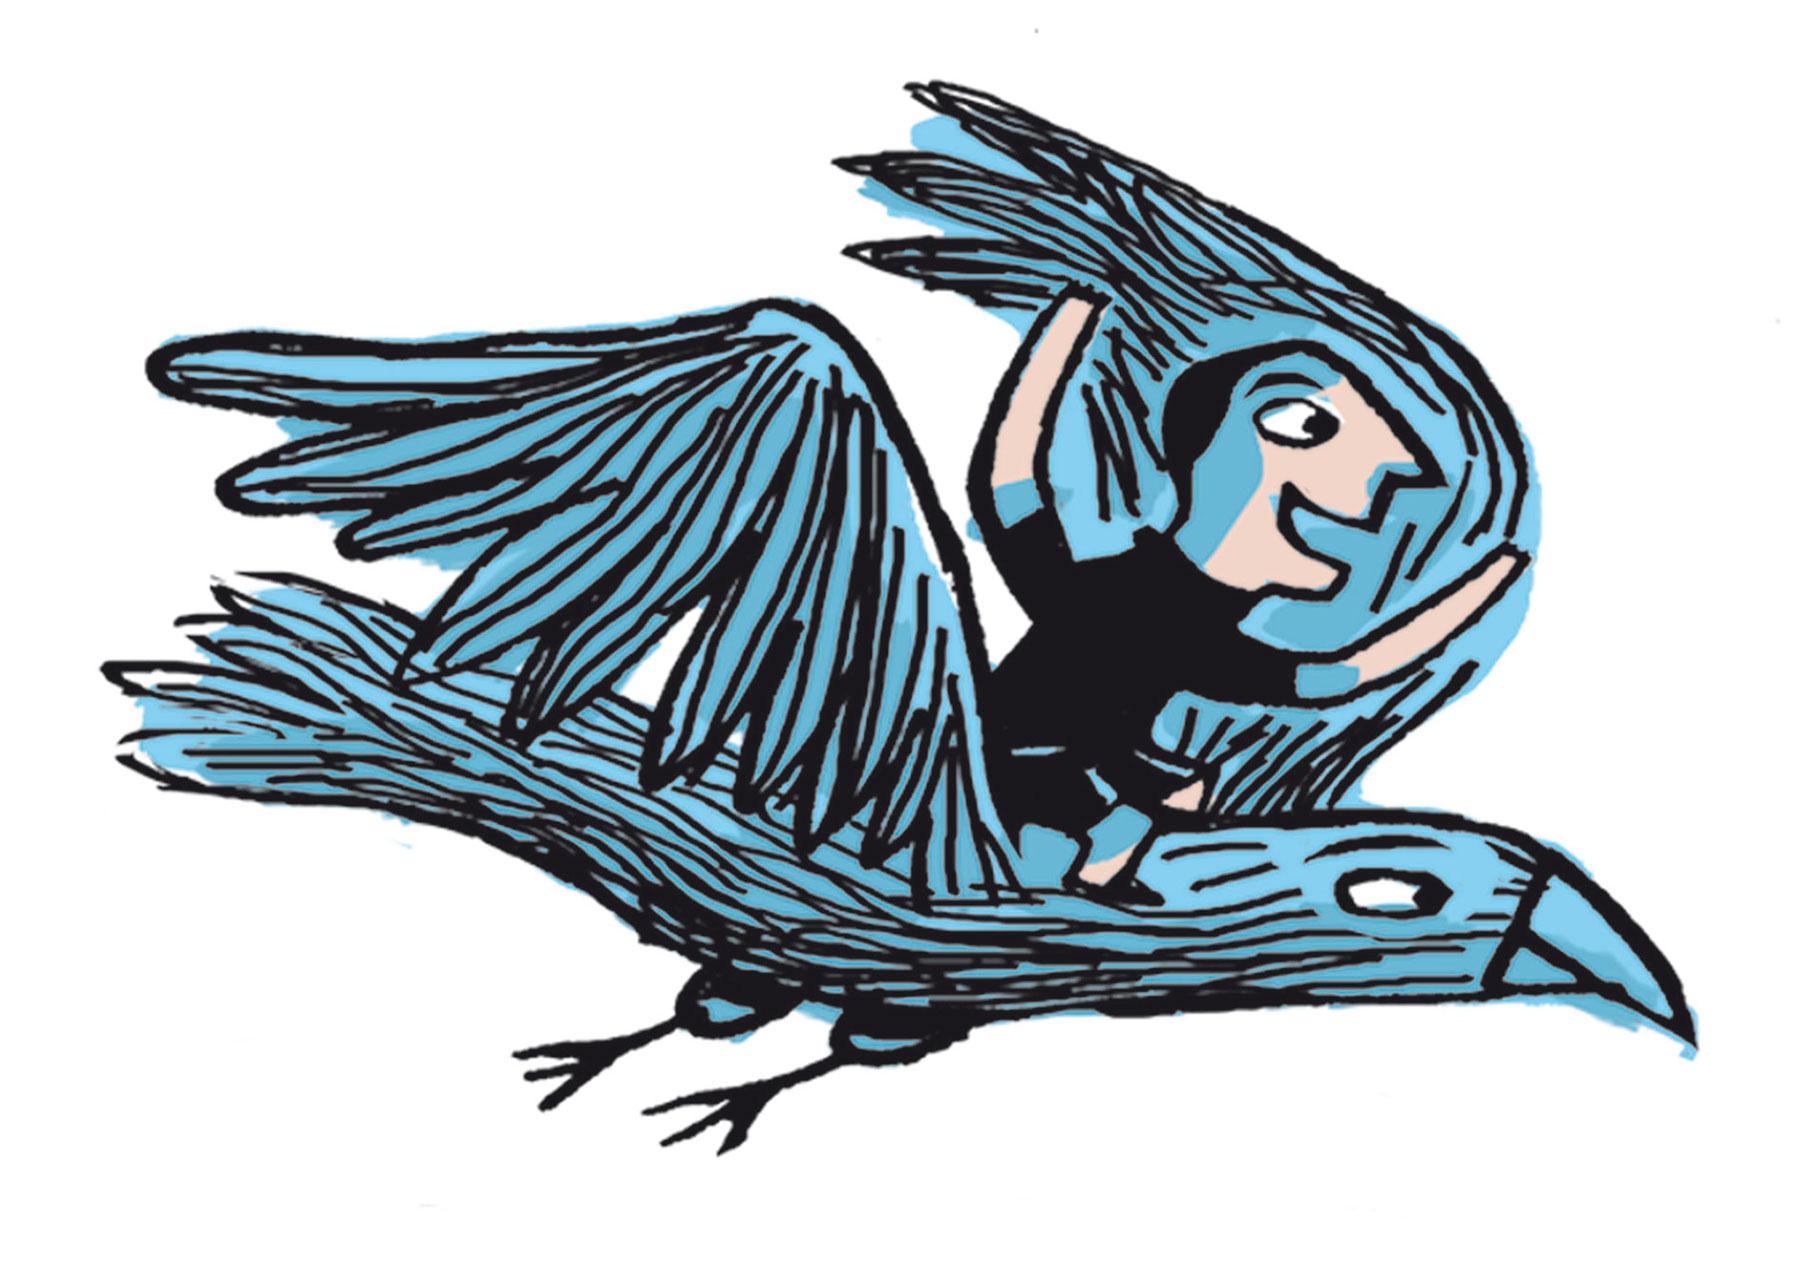 Illustration de Nathalie Dieterlé pour le magazine jeunesse Filotéo de Bayard Presse . On voit sur l'image une enfant juché sur un aigle.